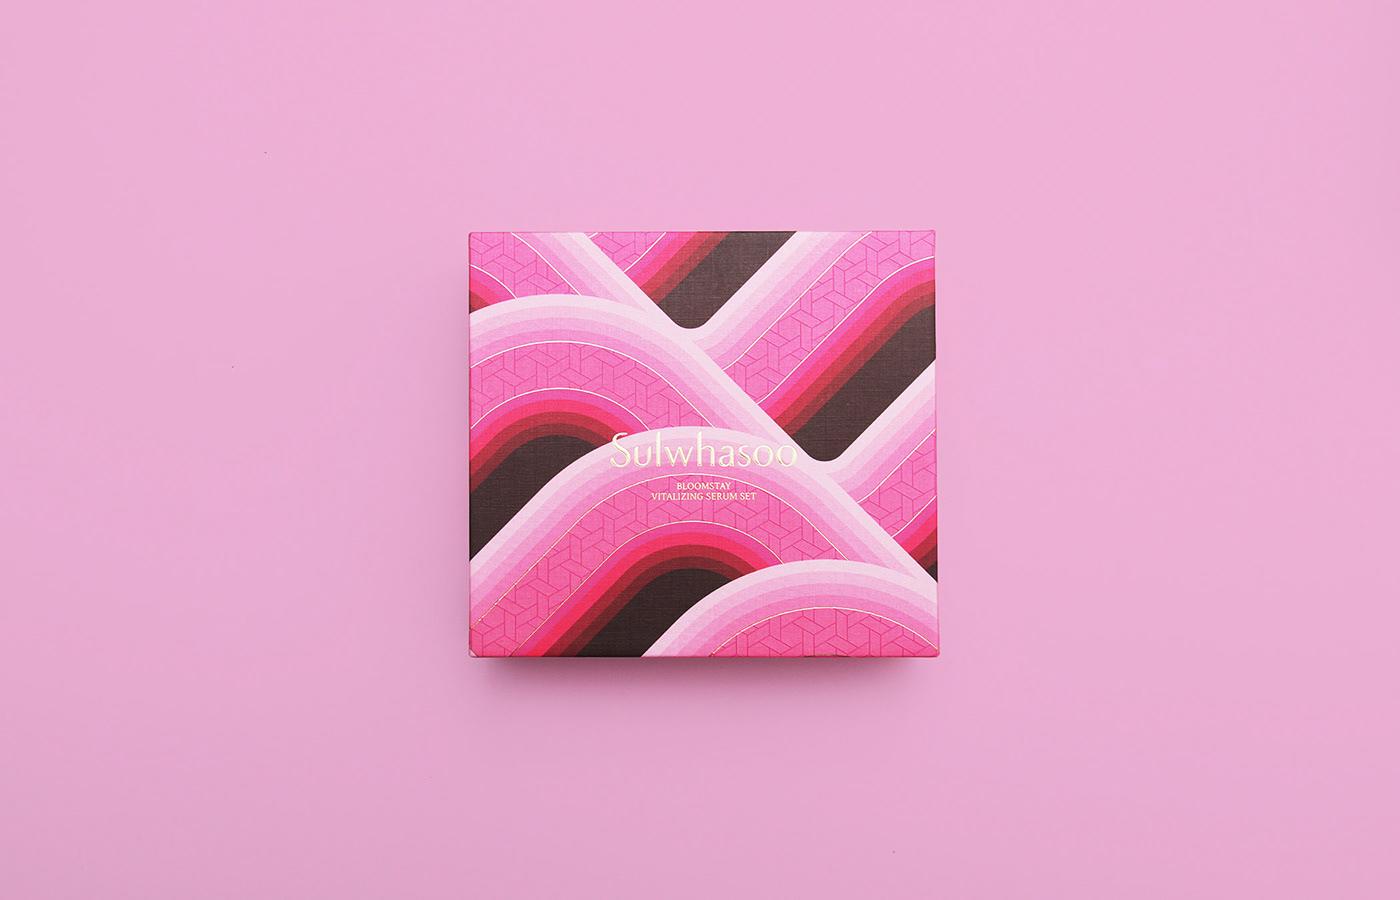 Image may contain: abstract and magenta